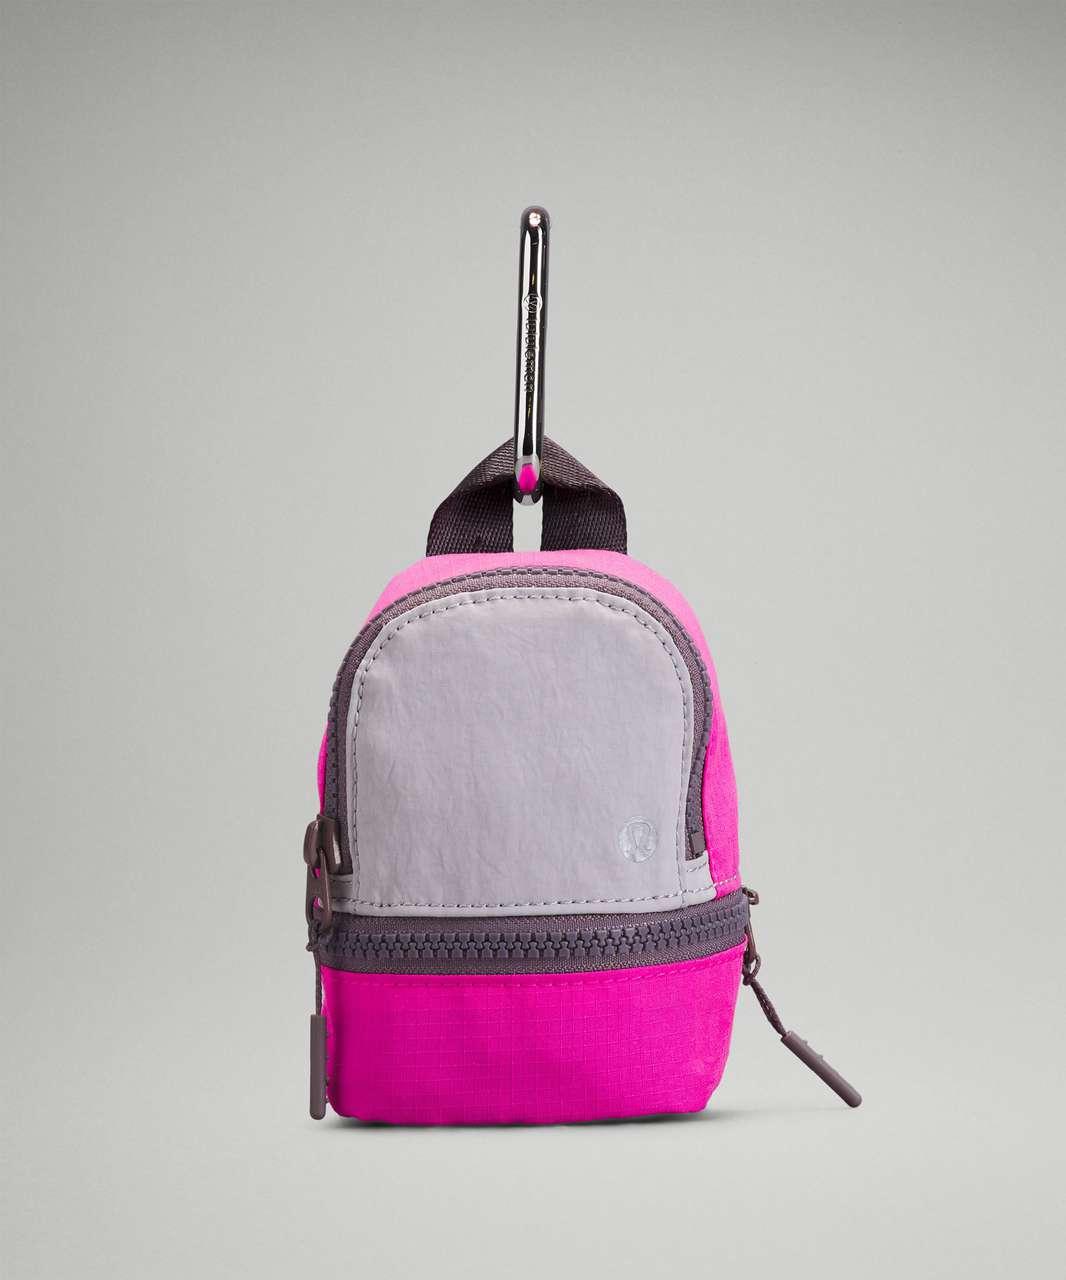 Lululemon City Adventurer Backpack *Nano - Chrome / Pow Pink Light